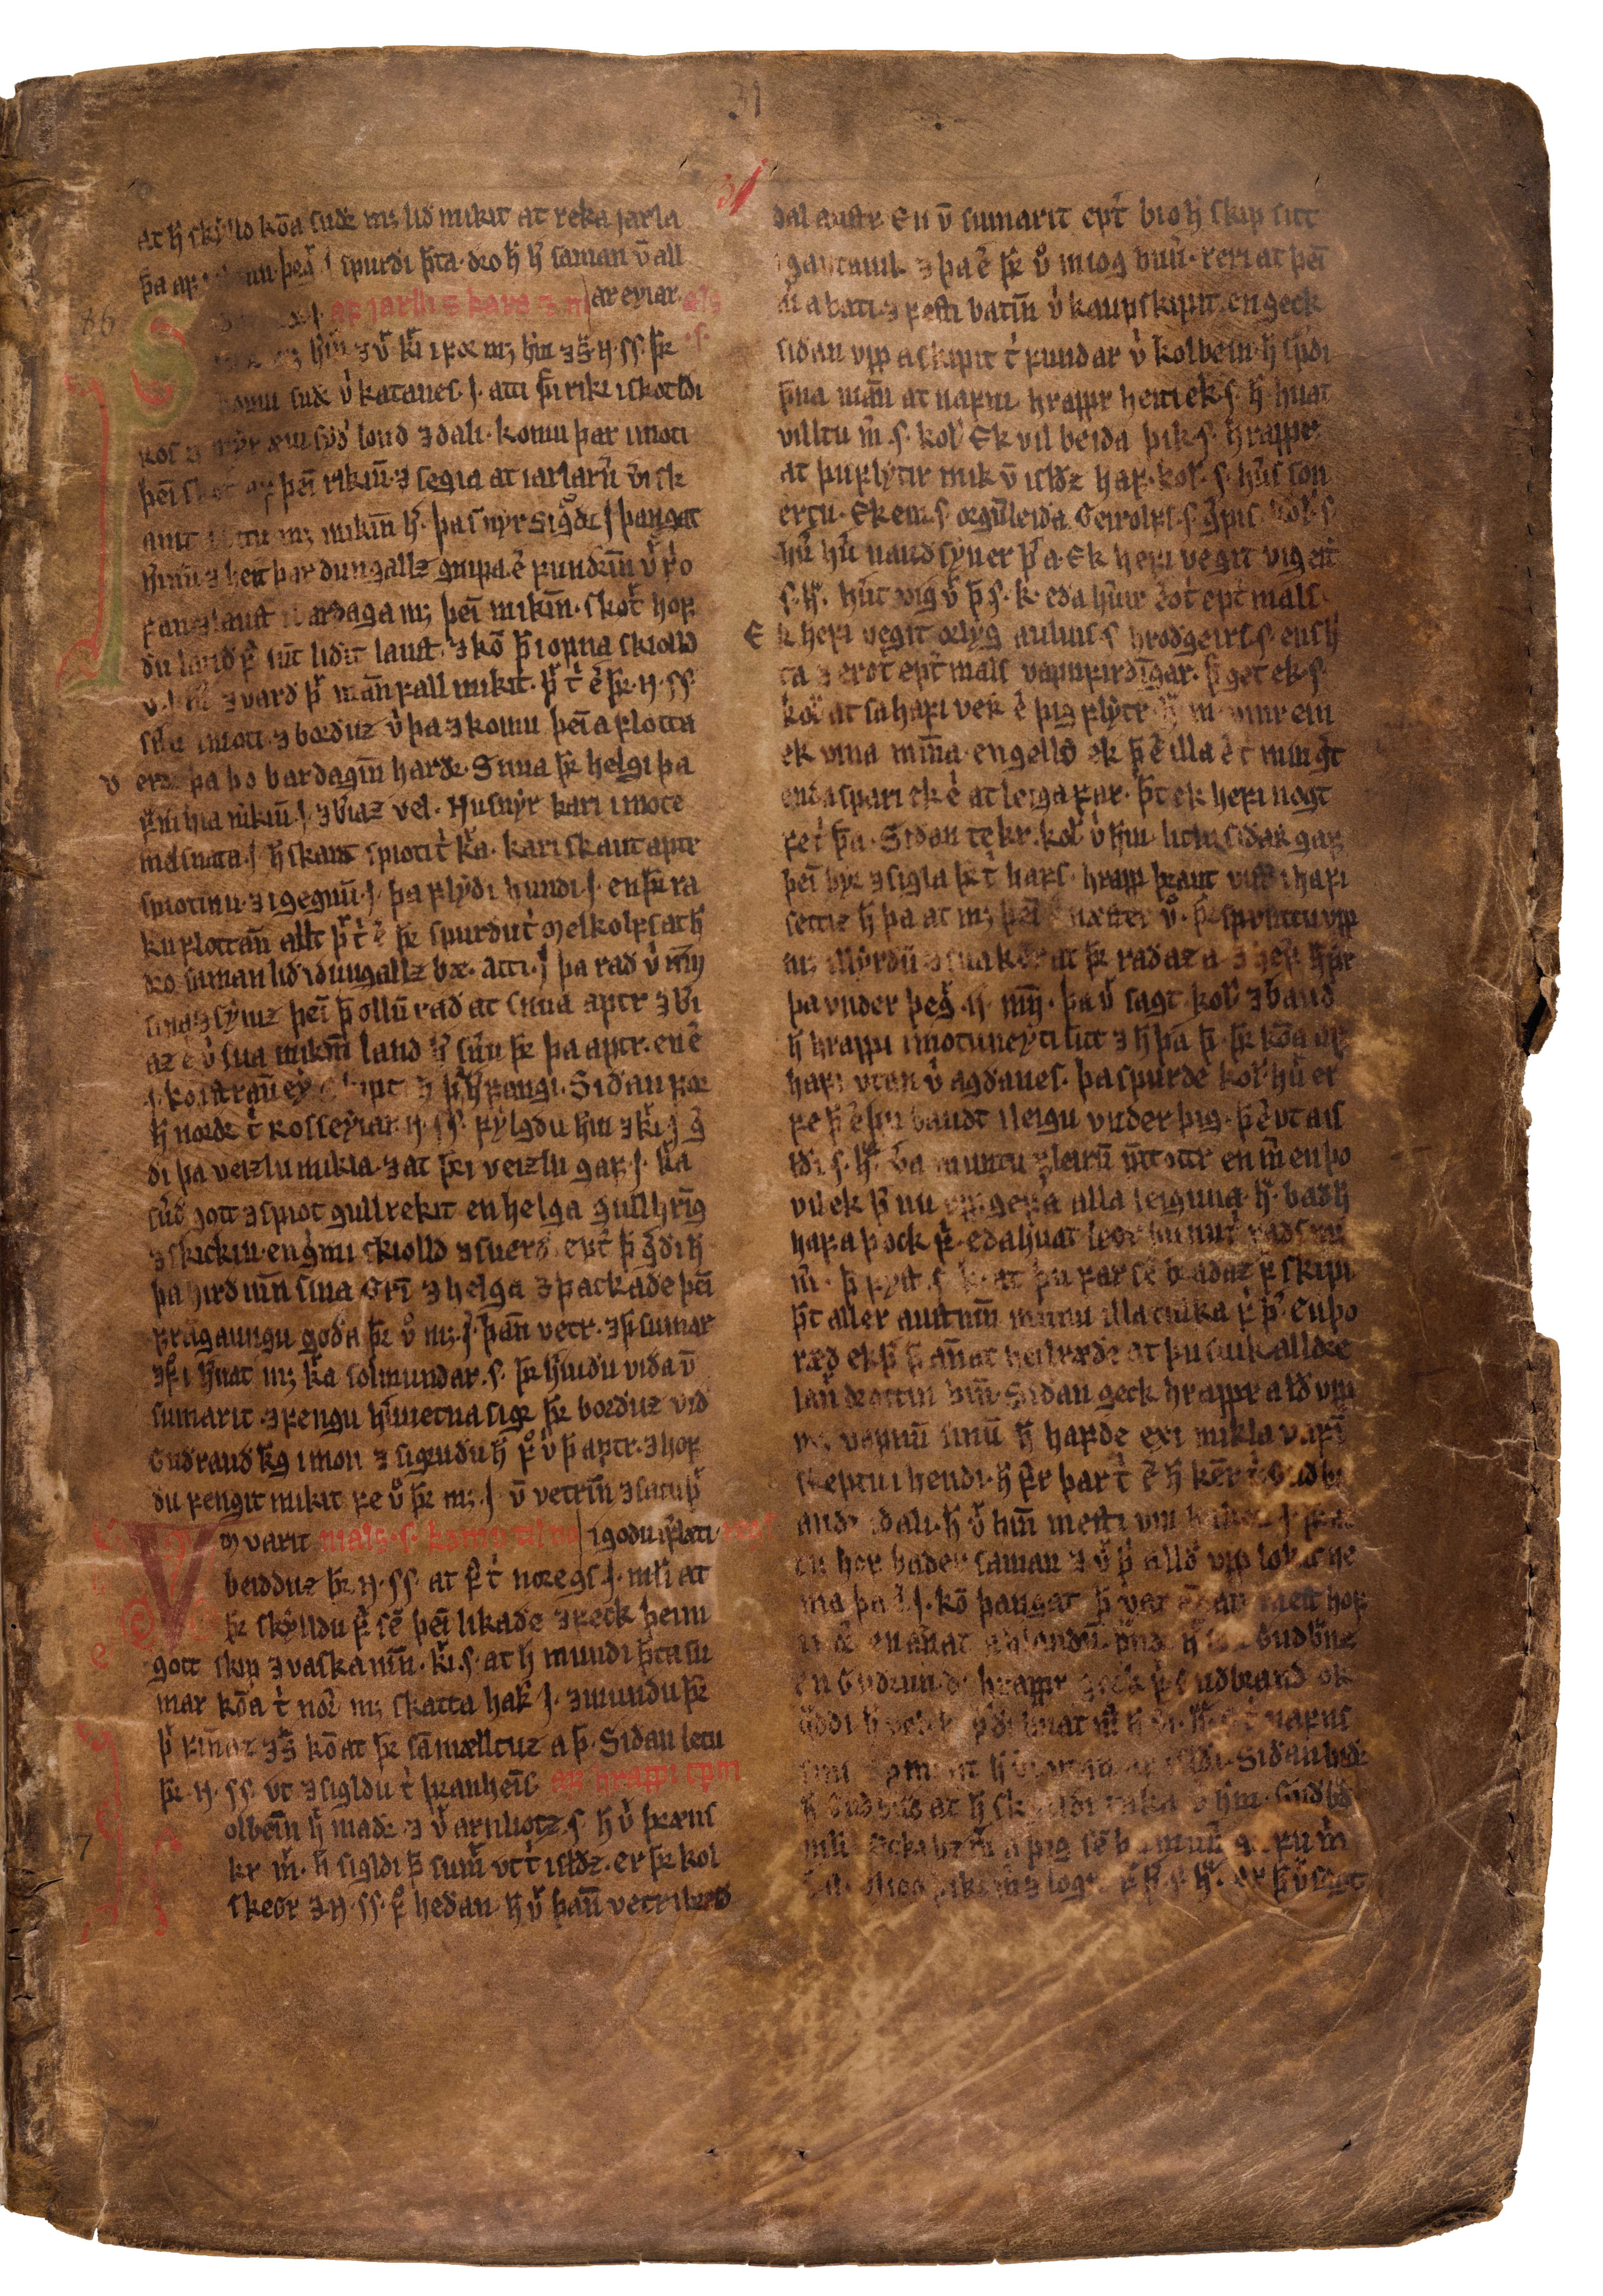 AM 132 fol - 31r